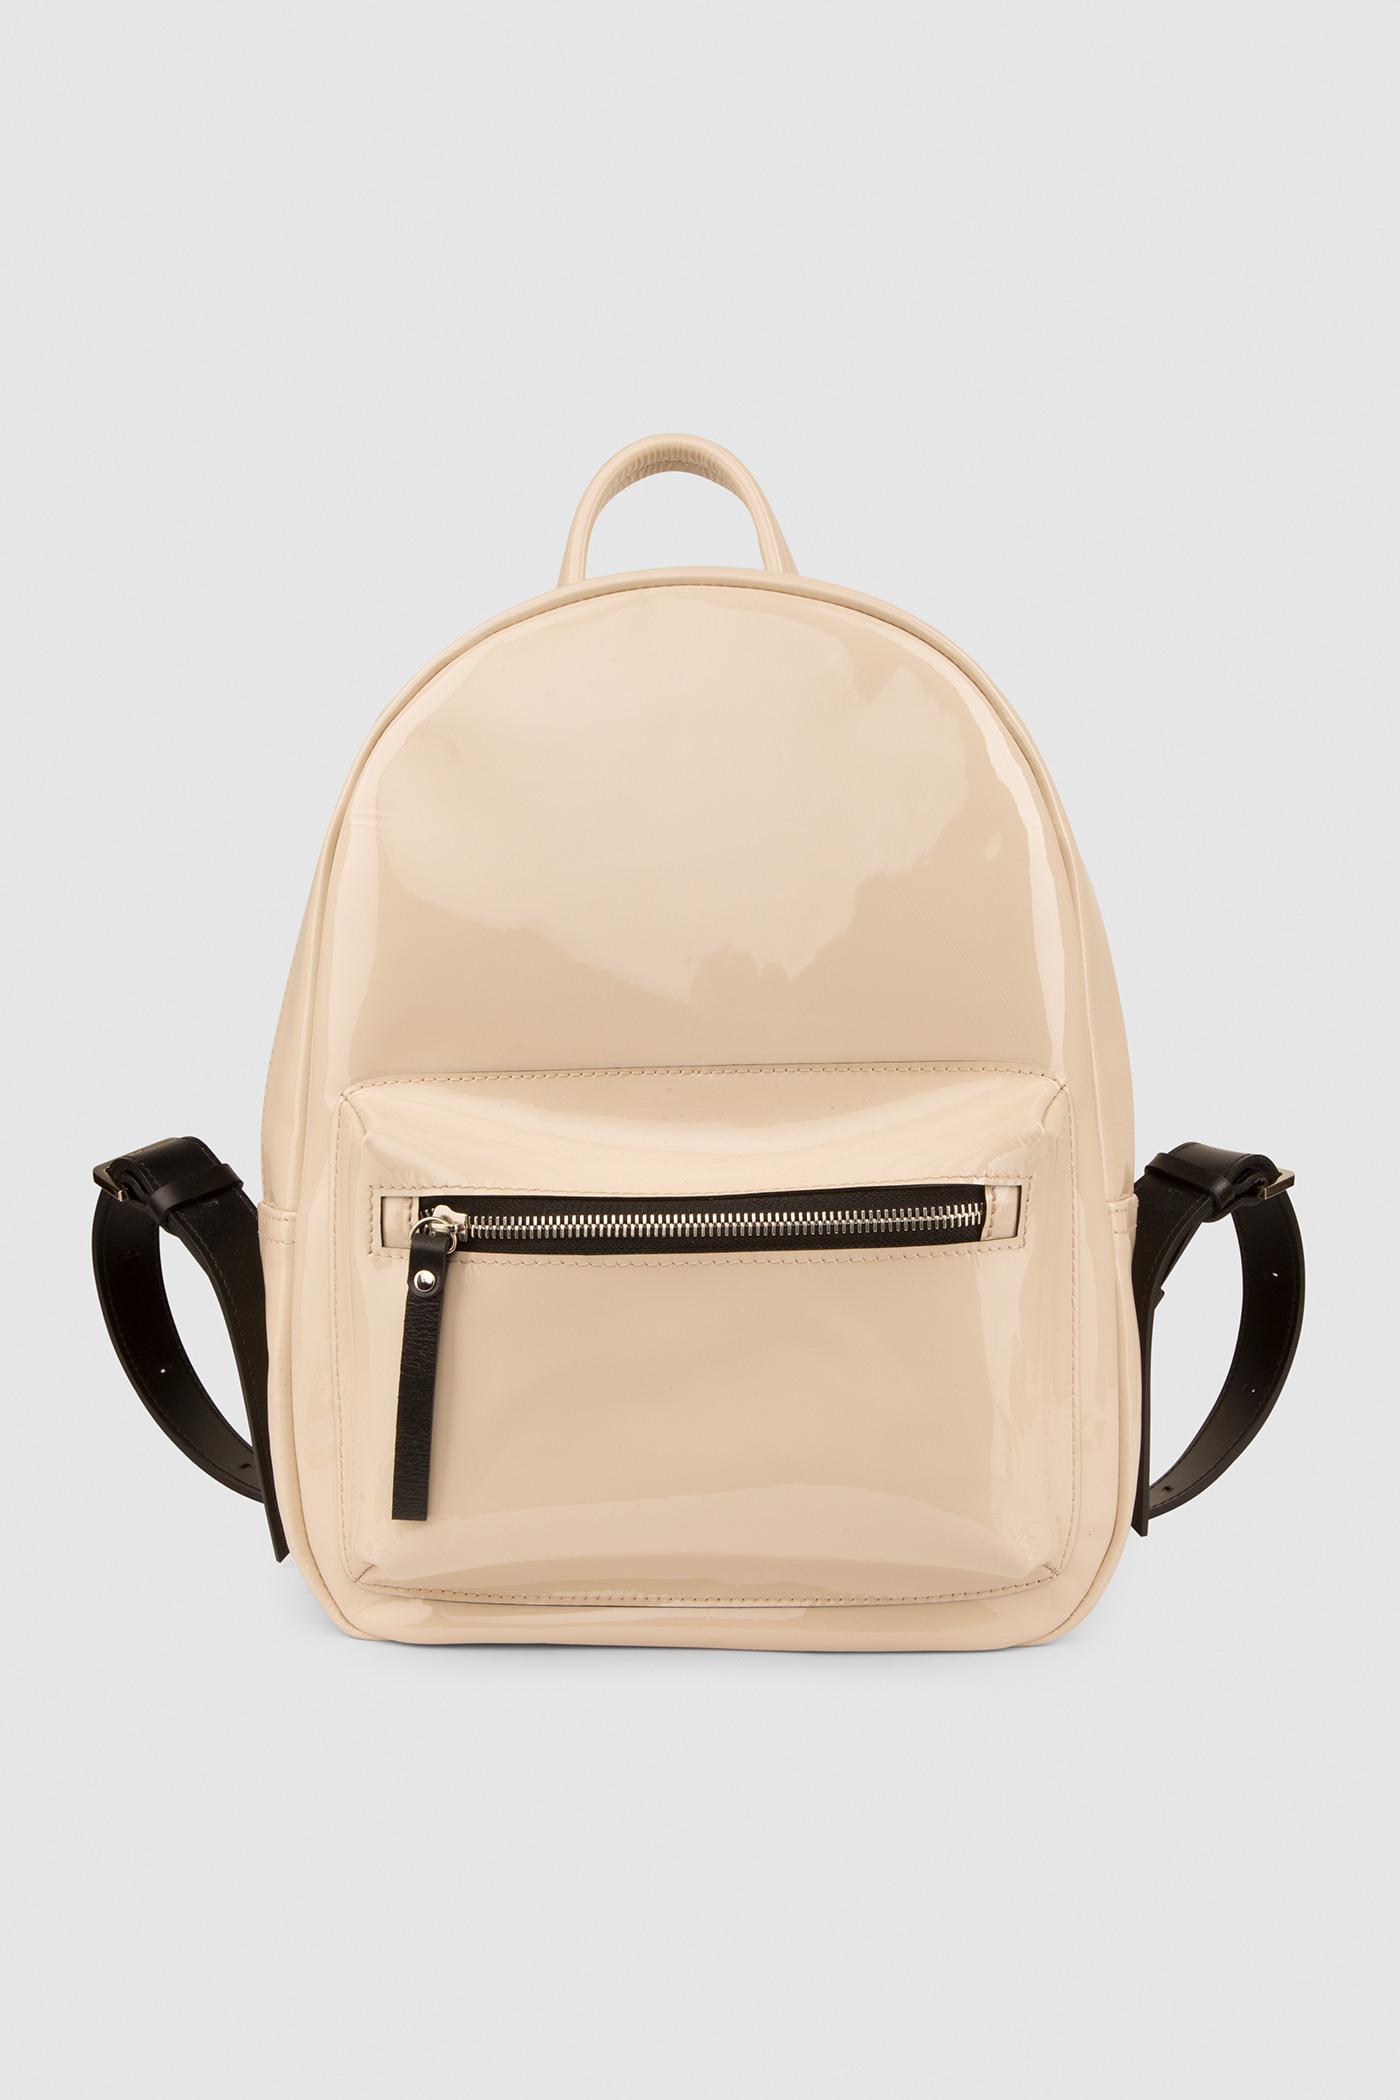 Городской рюкзакГородской классический рюкзак из лаковой кожи&#13;<br>&#13;<br>&#13;<br>унисекс&#13;<br>&#13;<br>внутри отделение для ноутбука&#13;<br>&#13;<br>передний объемный карман на молнии&#13;<br>&#13;<br>карман на молнии на задней стенке&#13;<br>&#13;<br>лаковая кожа&#13;<br>&#13;<br>тканевая подкладка&#13;<br>&#13;<br>лямки на регуляторах&#13;<br>&#13;<br>размеры: S 33x26x9.5 см<br><br>Цвет: Бежевый, Небесный